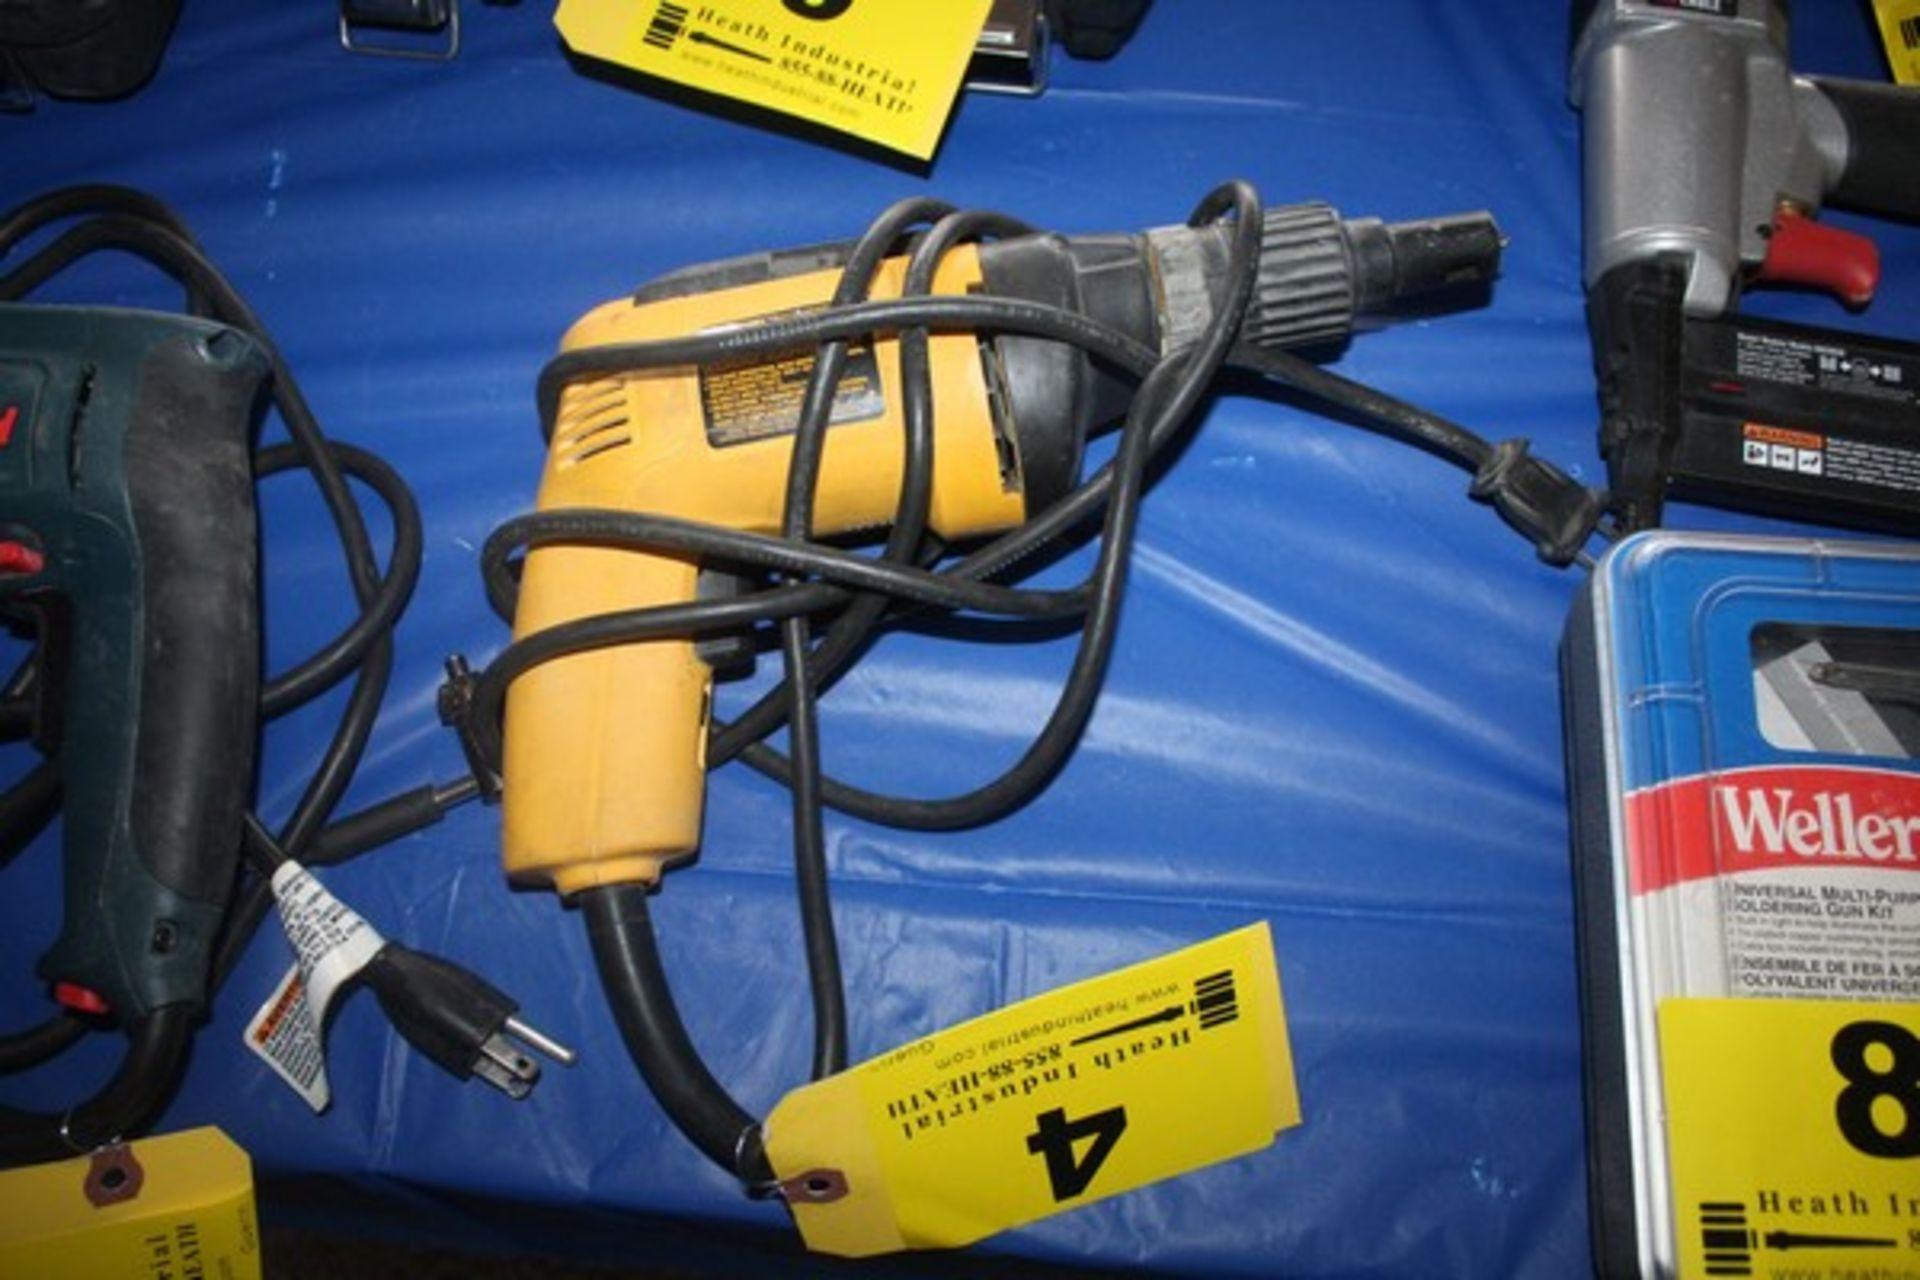 DEWALT MODEL DW280 DEPTH SENSITIVE SCREW DRIVER